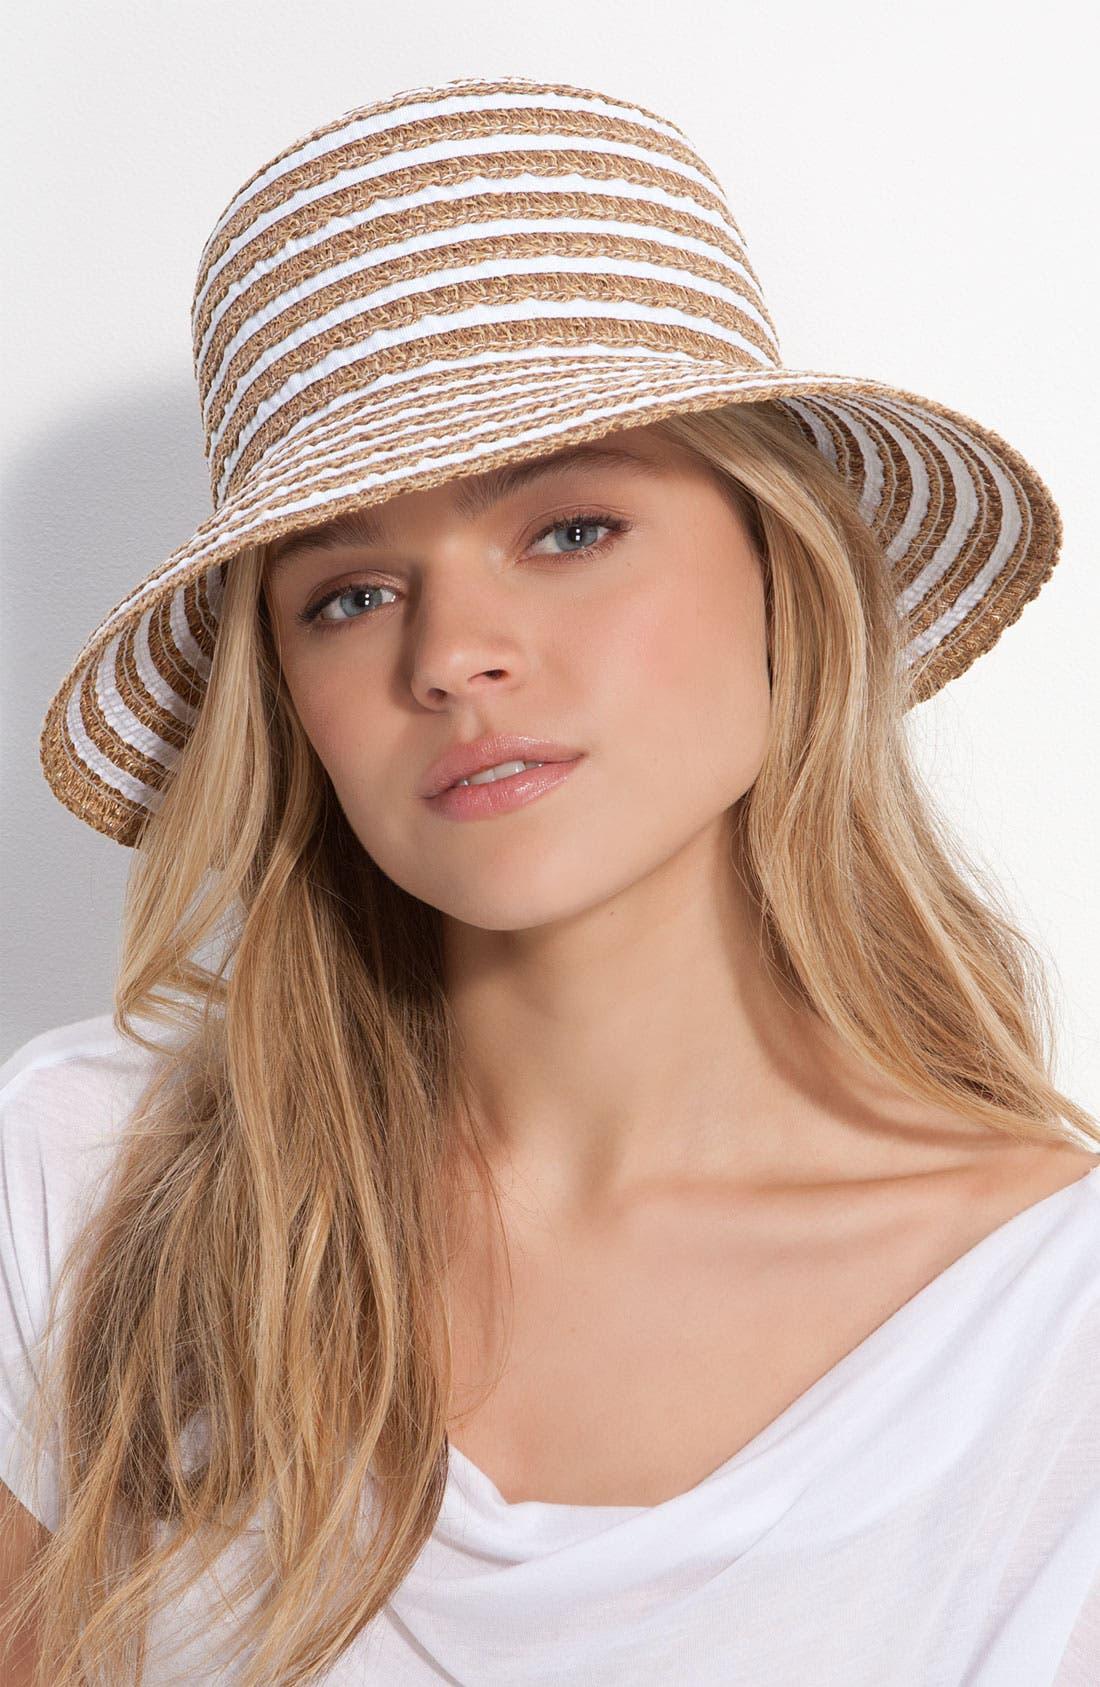 Eric Javits 'Braid Dame' Hat